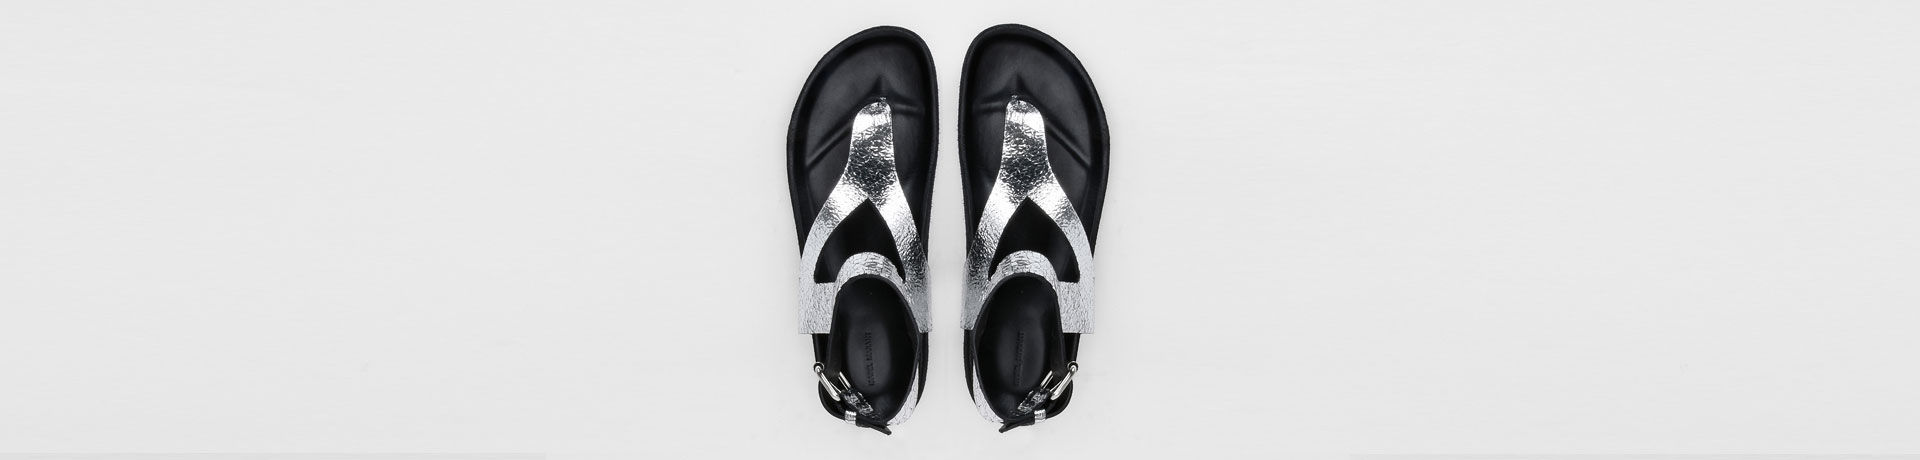 ELWINA sandals with eyelets